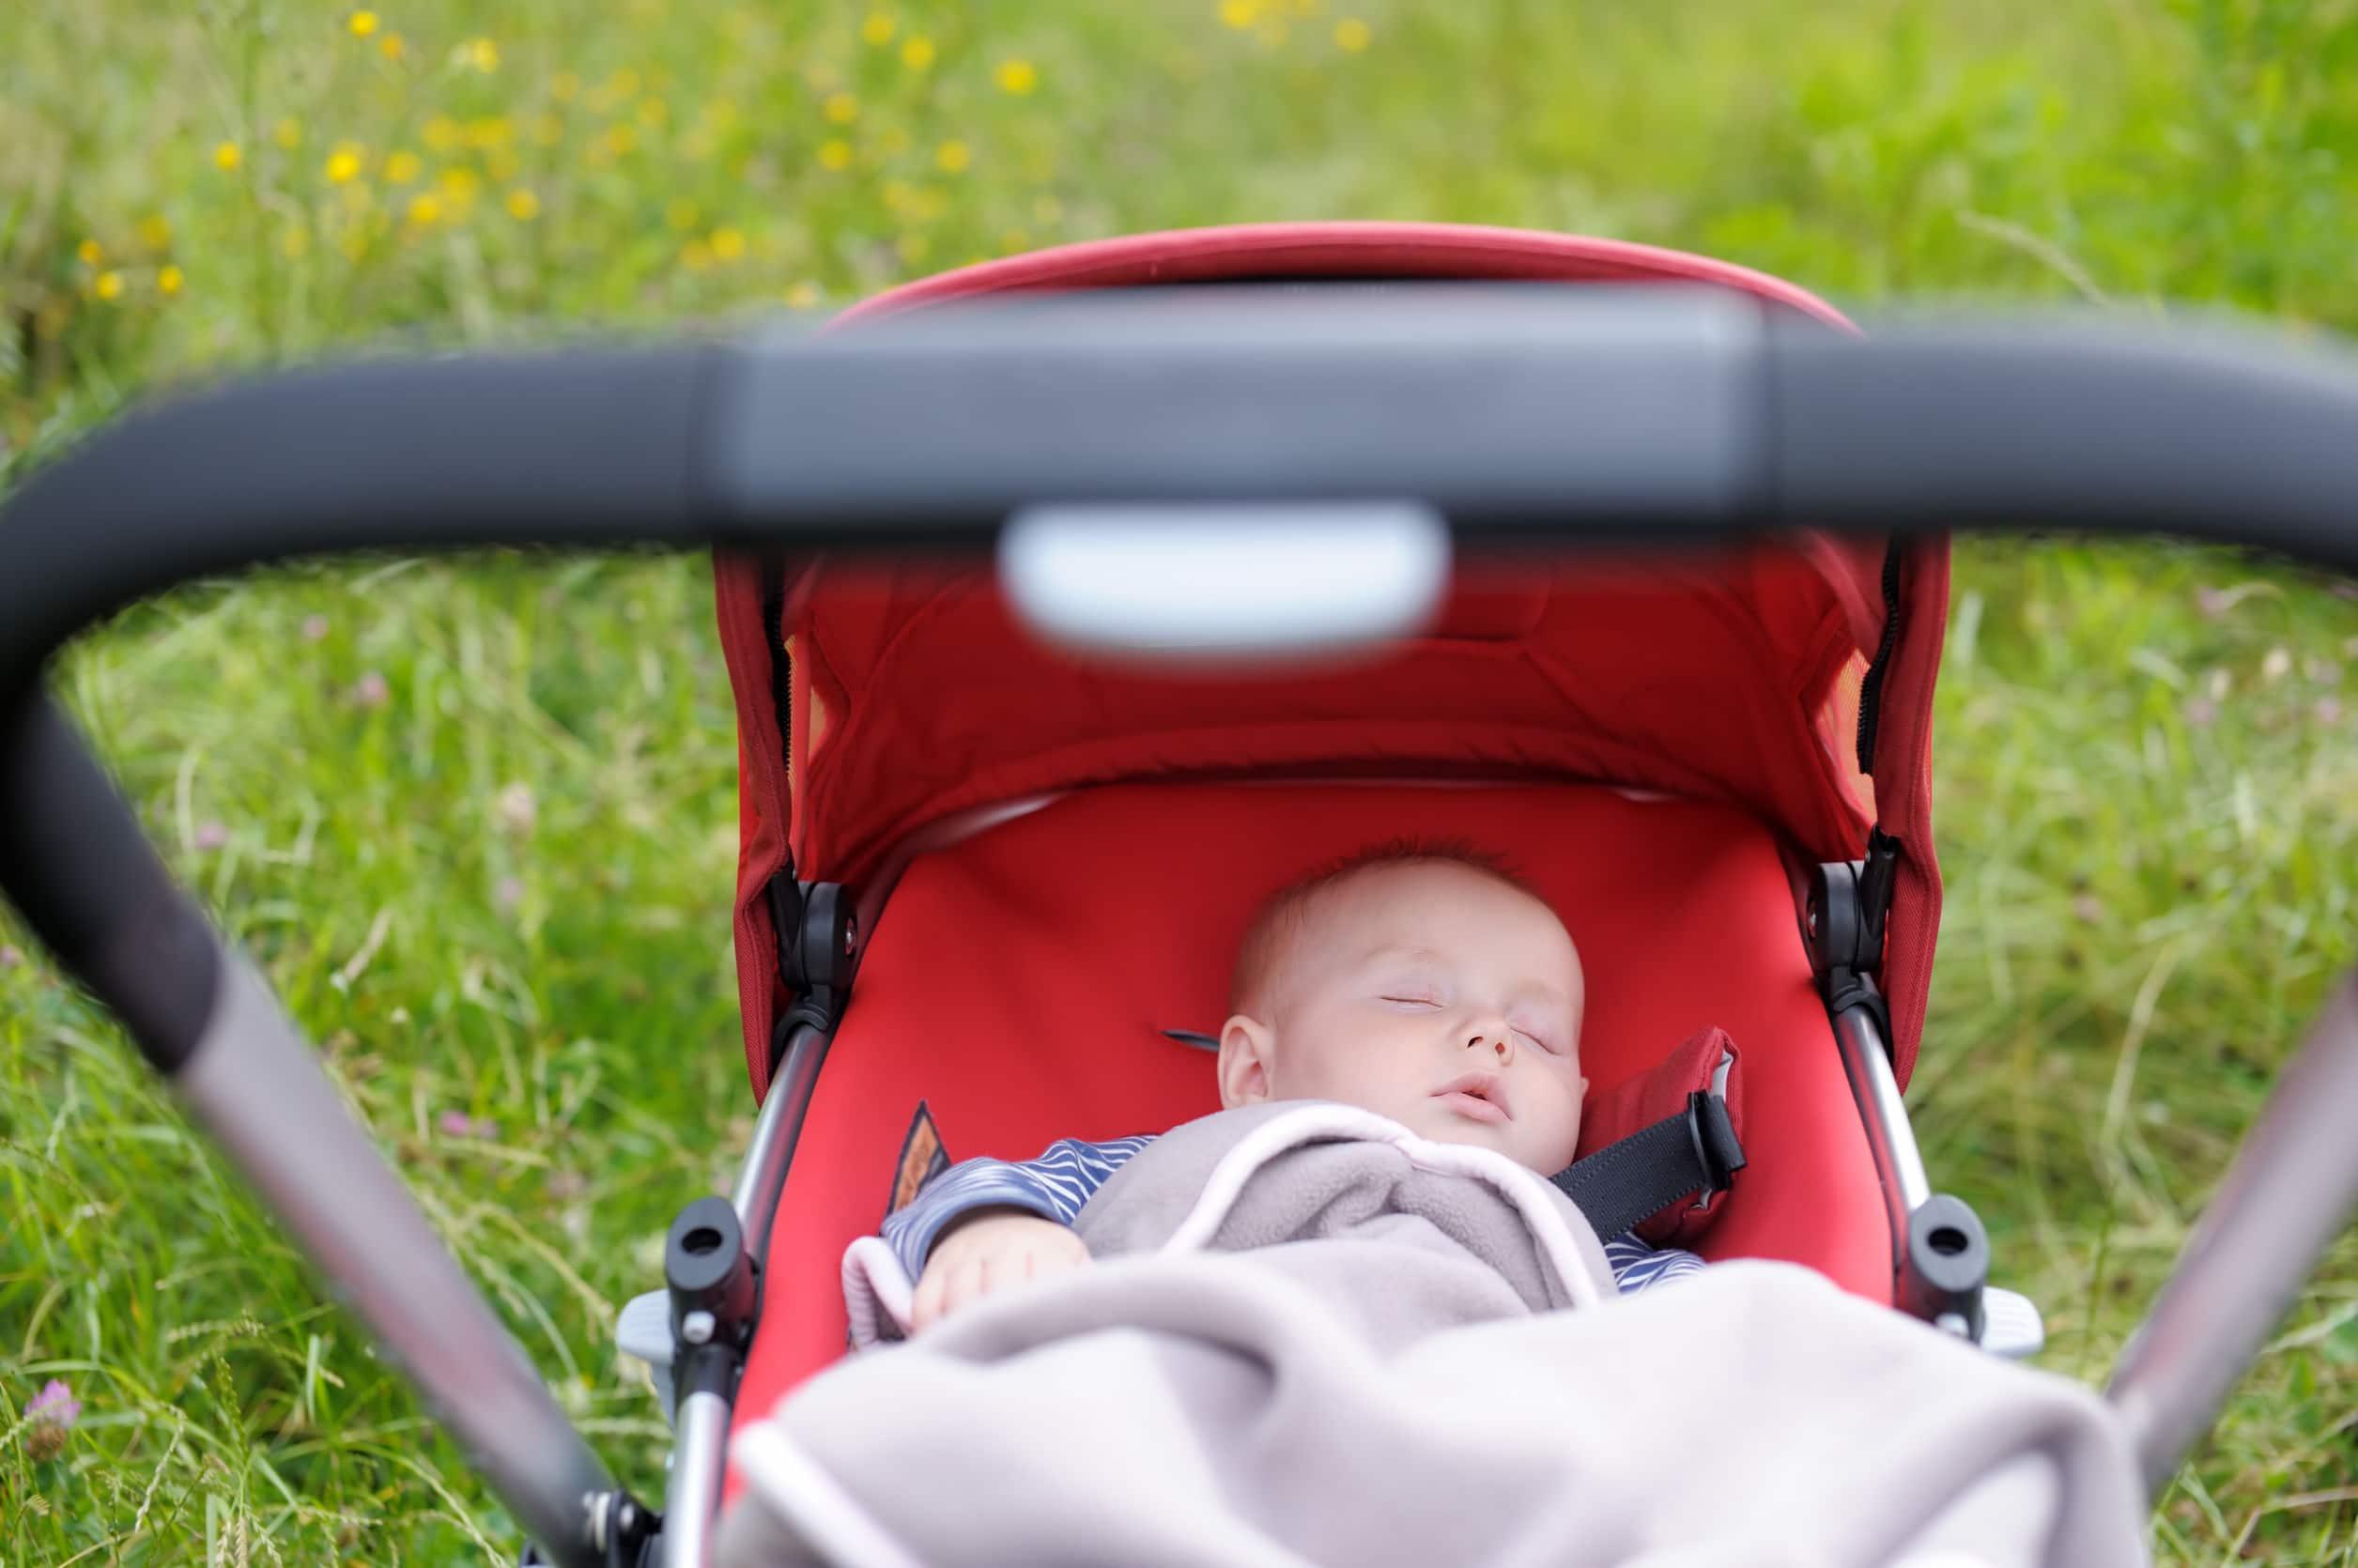 Poussette naissance : pour un sommeil paisible